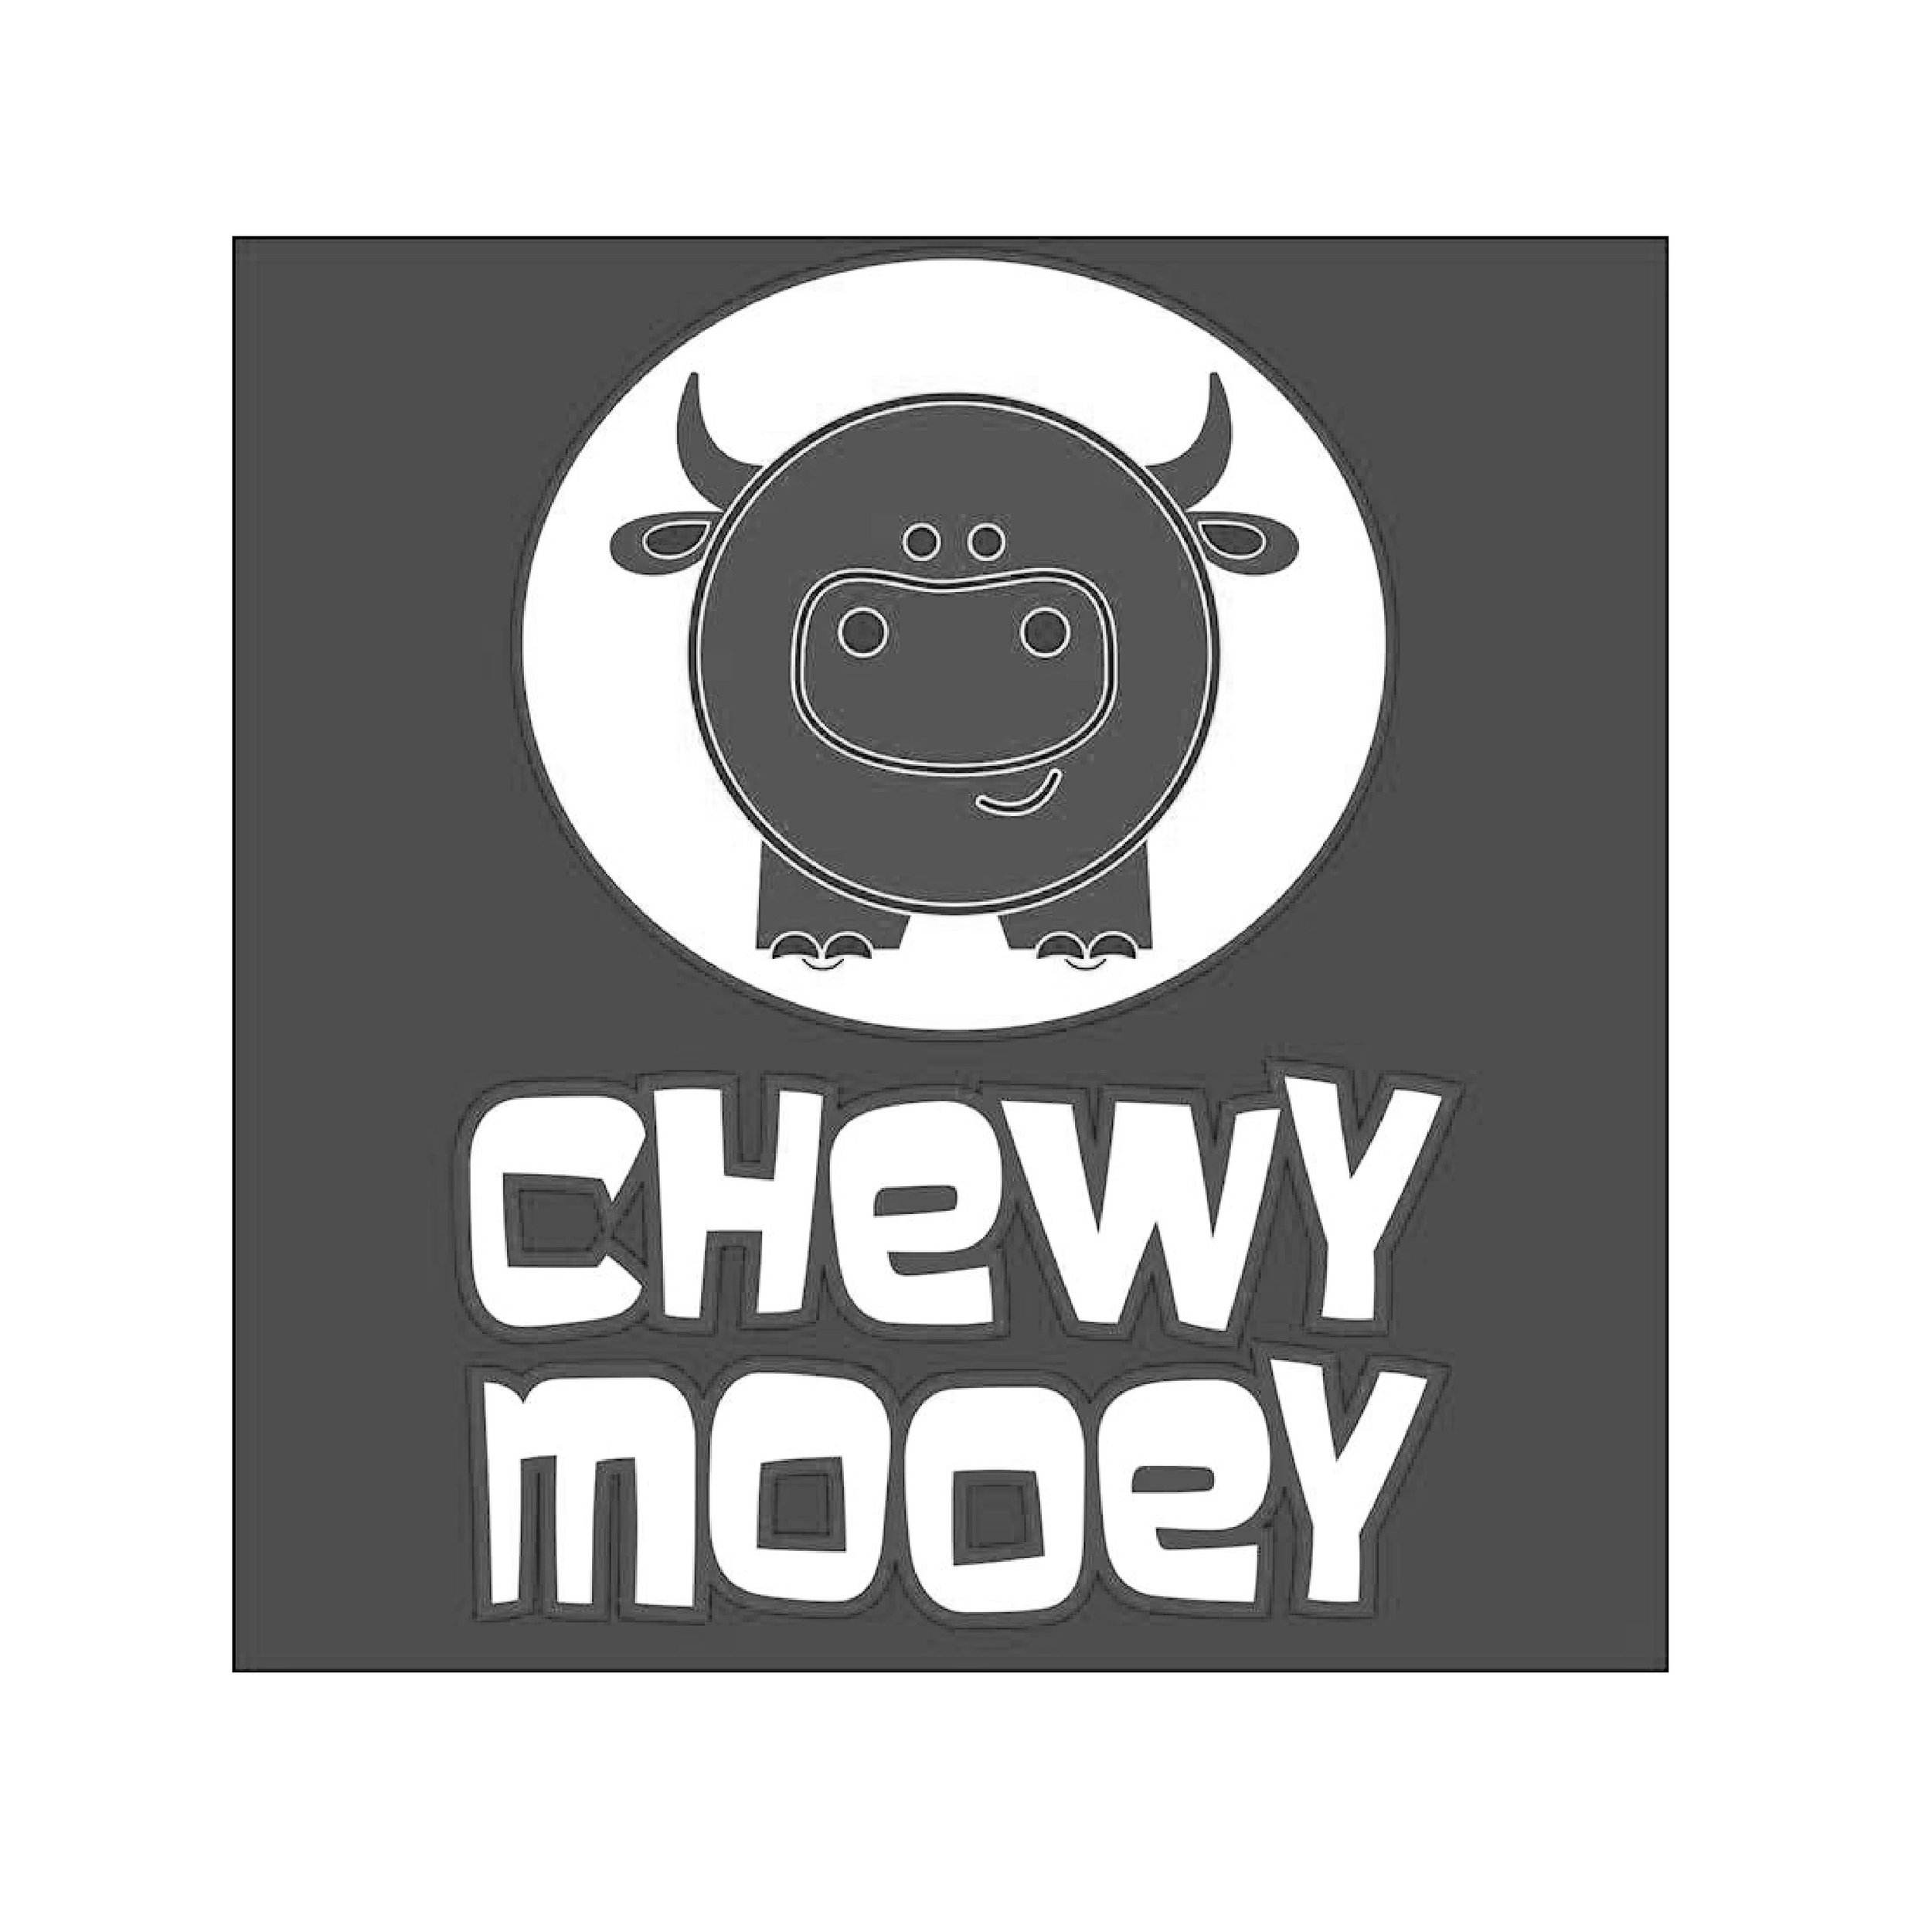 chewymooey-01.jpg